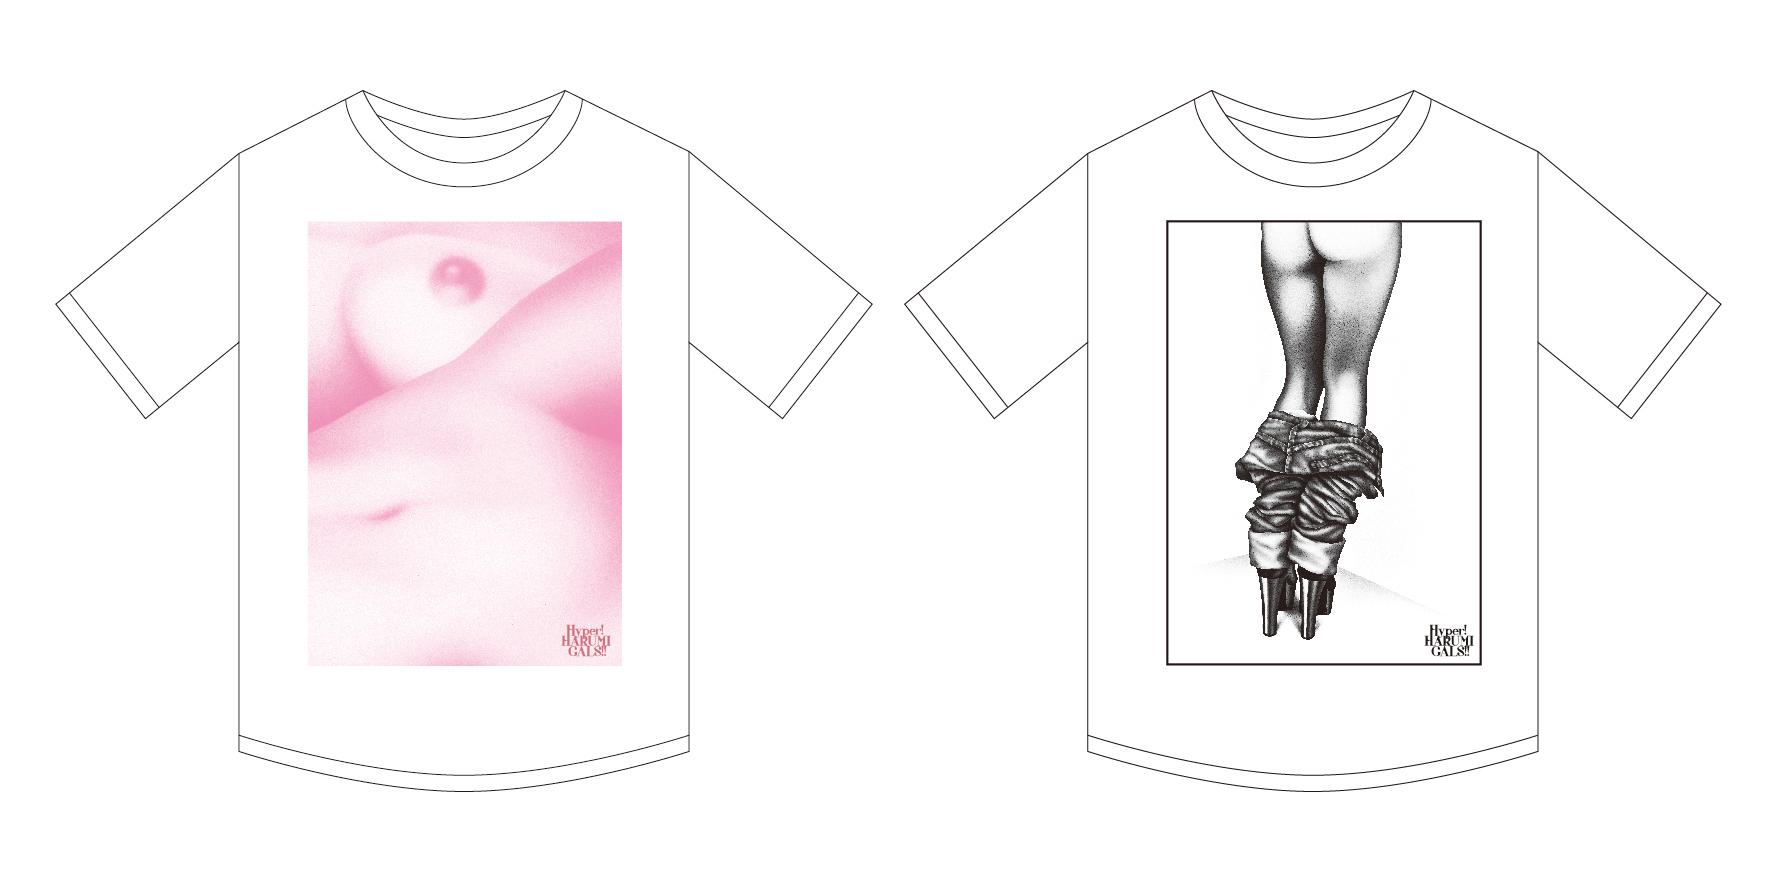 Tシャツ(左:ミツカルストア限定/右:パルコミュージアム限定)